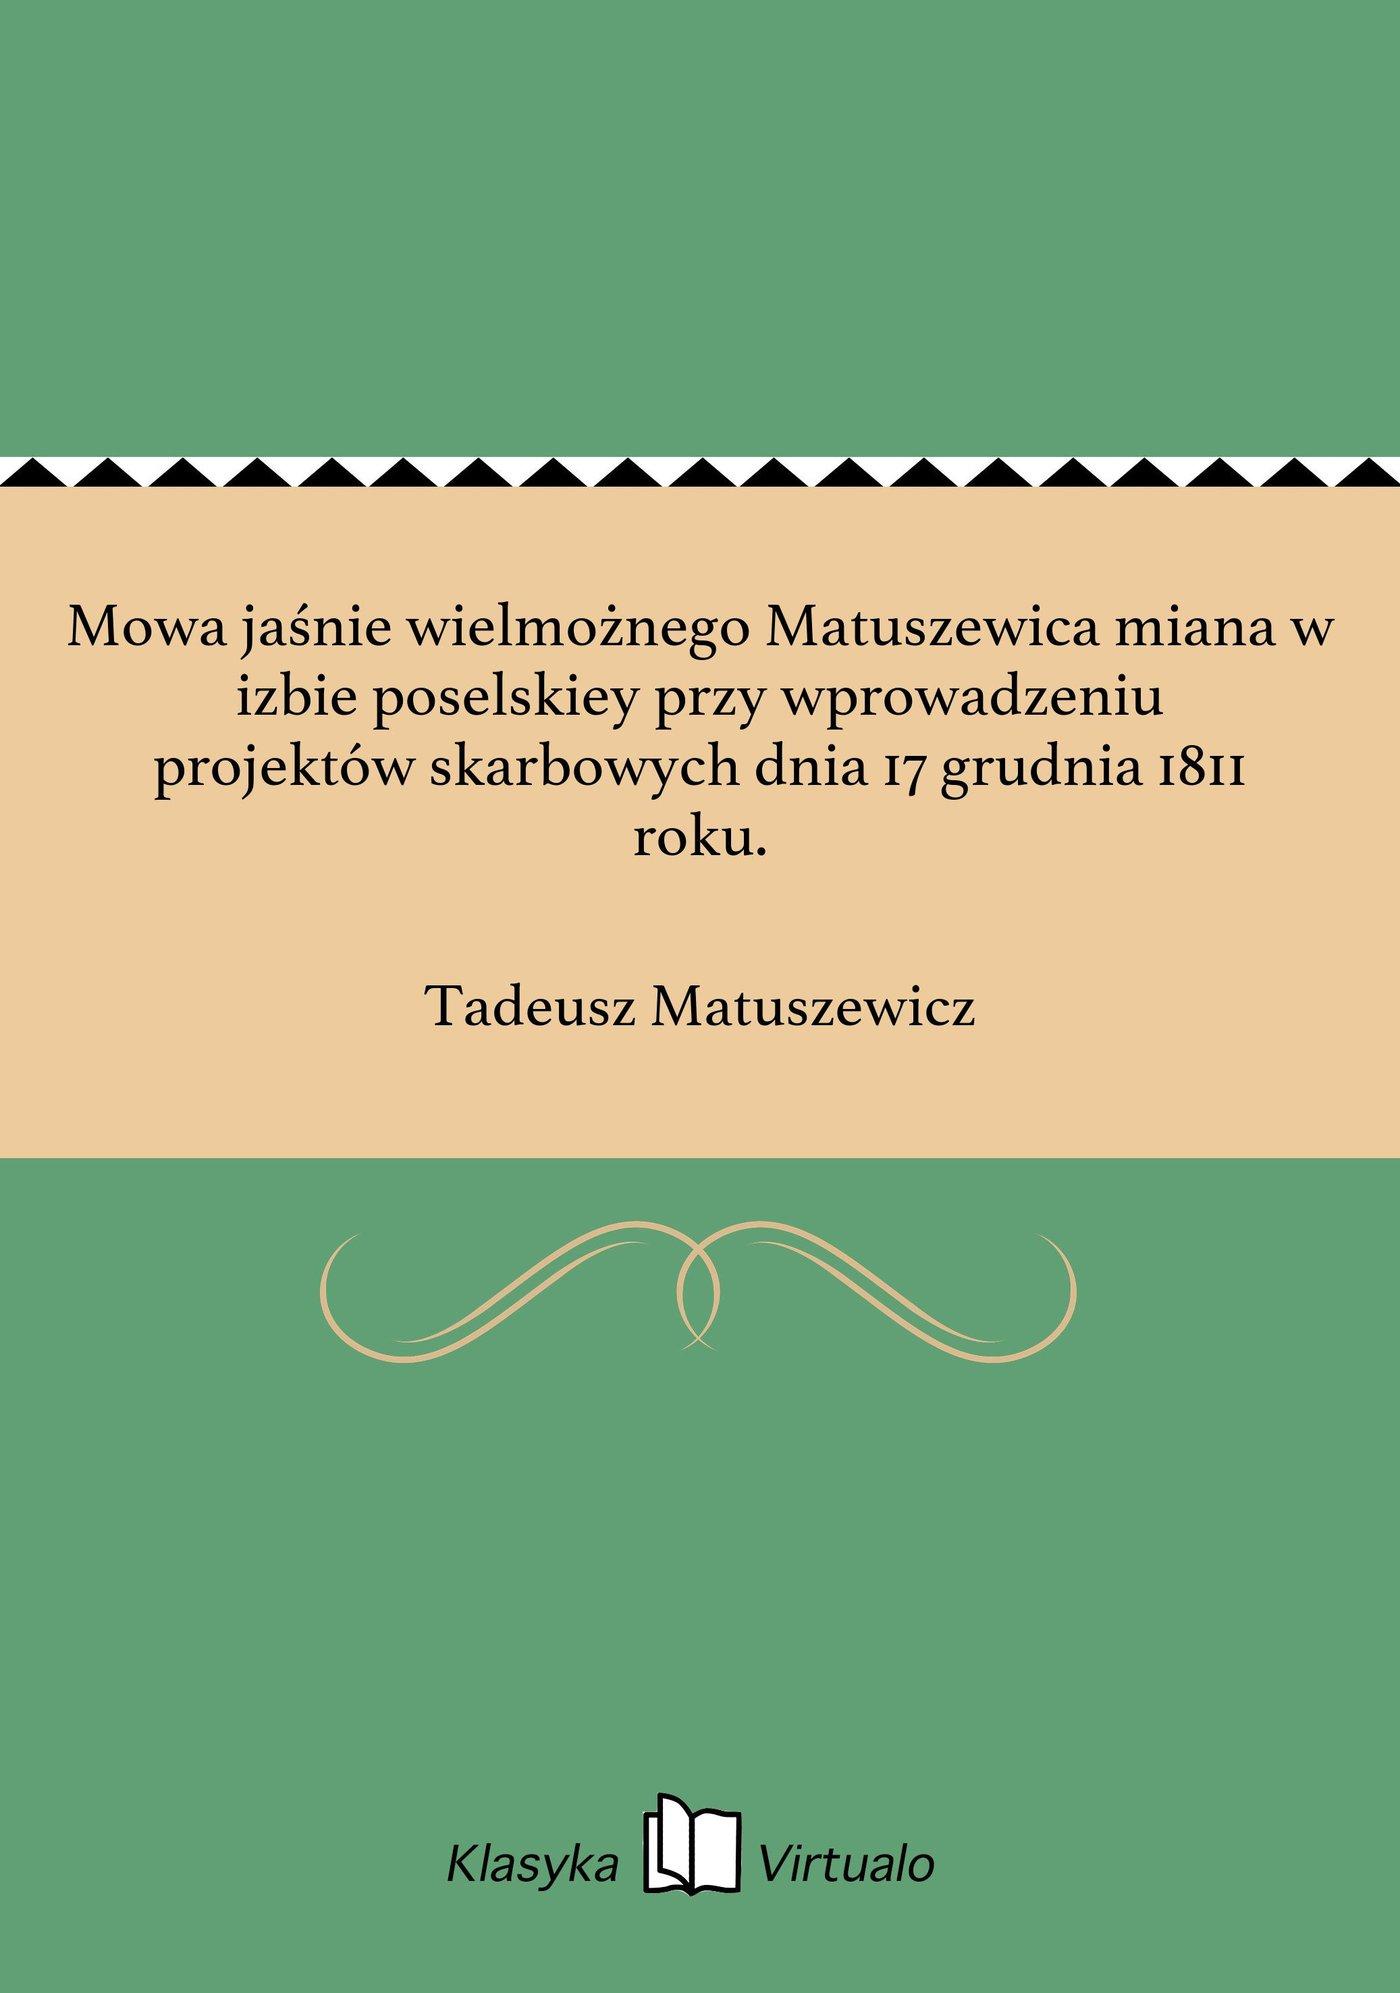 Mowa jaśnie wielmożnego Matuszewica miana w izbie poselskiey przy wprowadzeniu projektów skarbowych dnia 17 grudnia 1811 roku. - Ebook (Książka EPUB) do pobrania w formacie EPUB